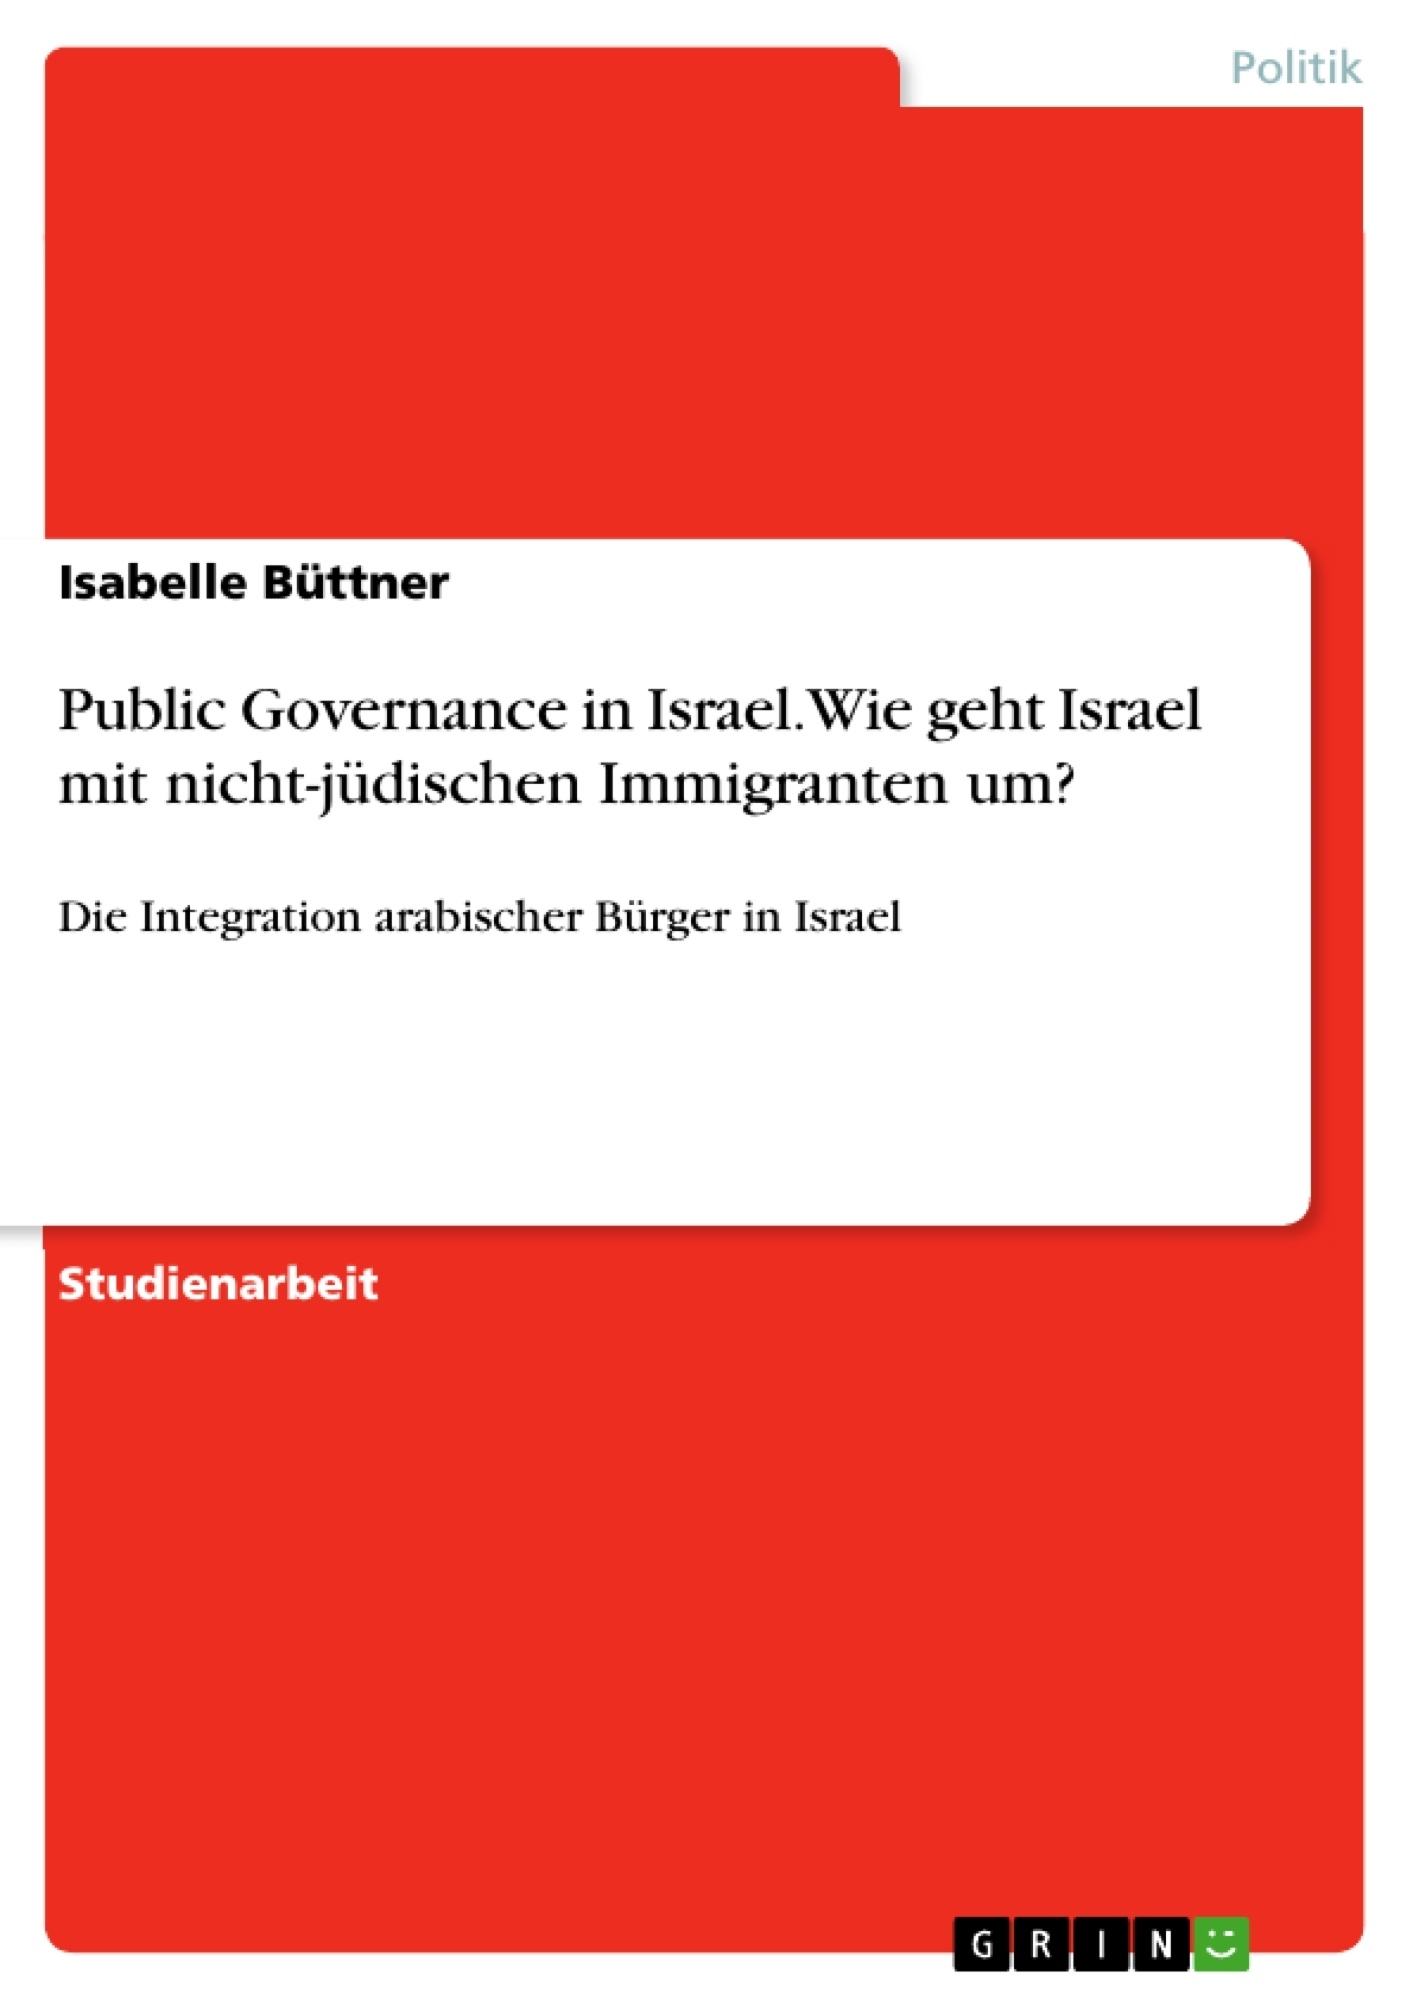 Titel: Public Governance in Israel. Wie geht Israel mit nicht-jüdischen Immigranten um?